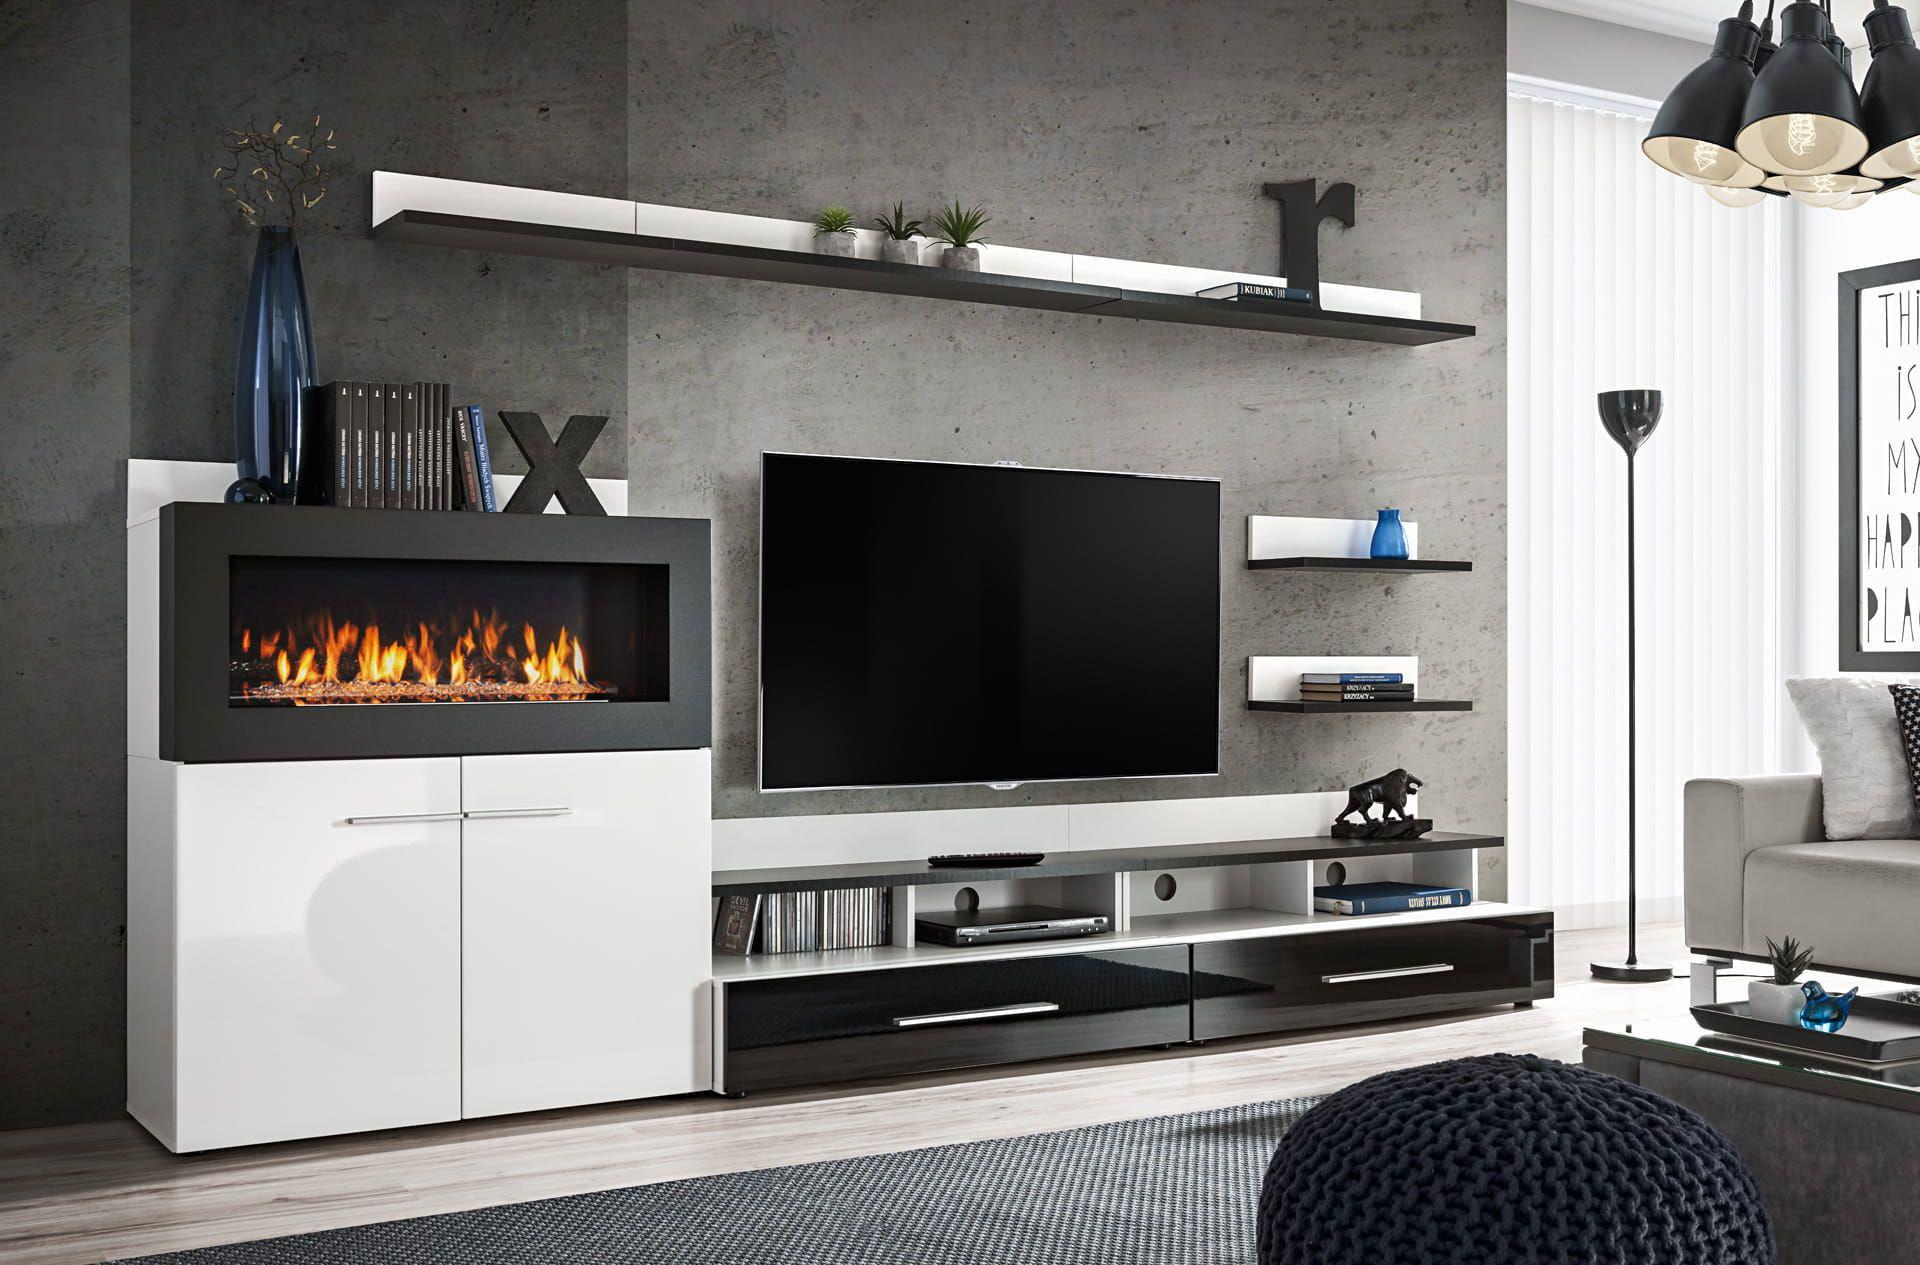 Kệ tivi kết hợp lò sưởi điện